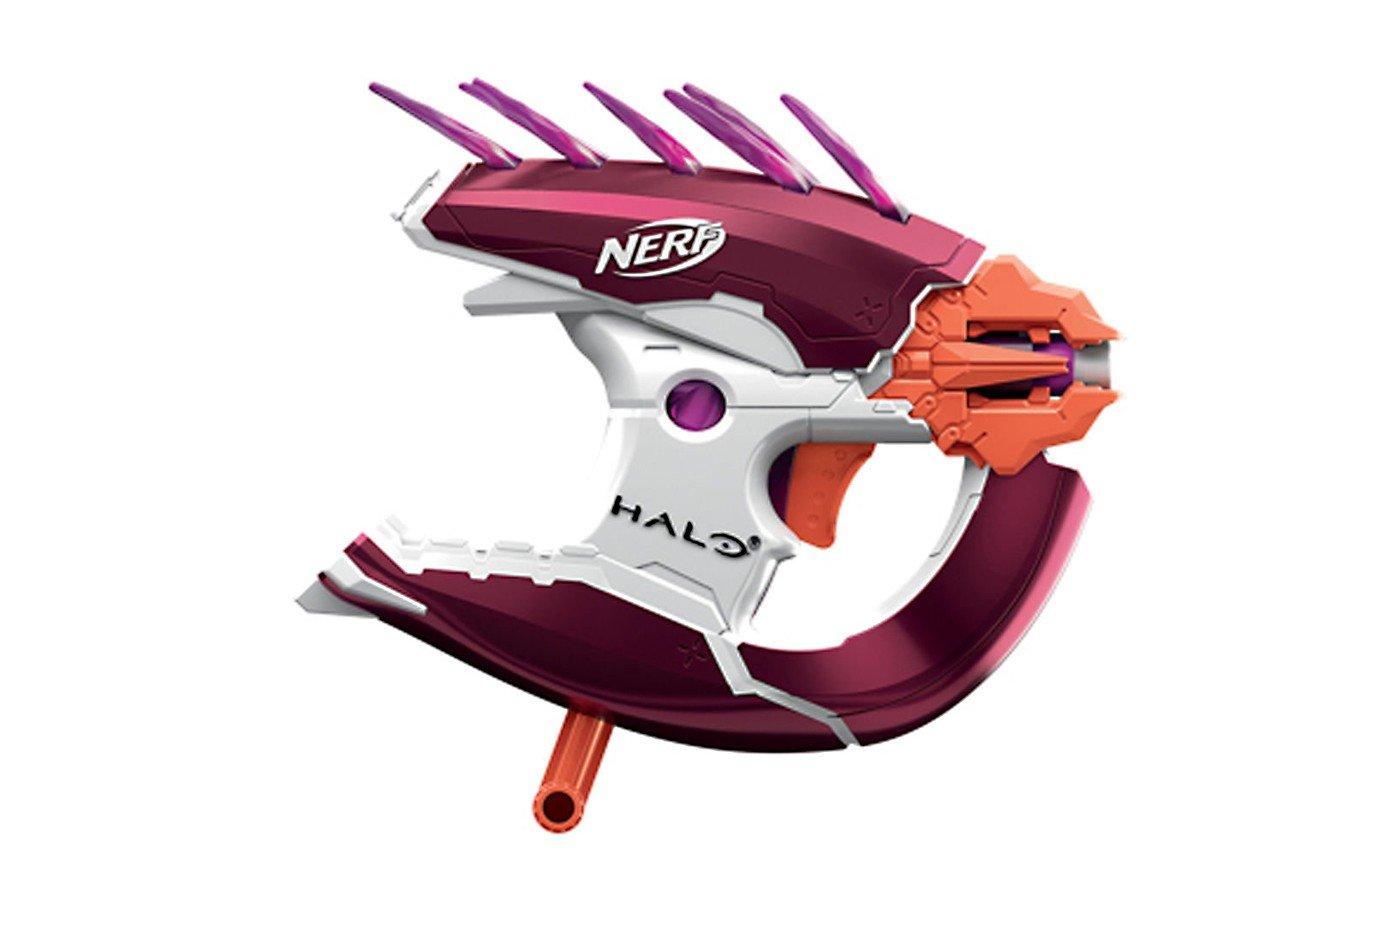 Chez Hasbro, des fusils Nerf inspirés de Halo   Journal du Geek